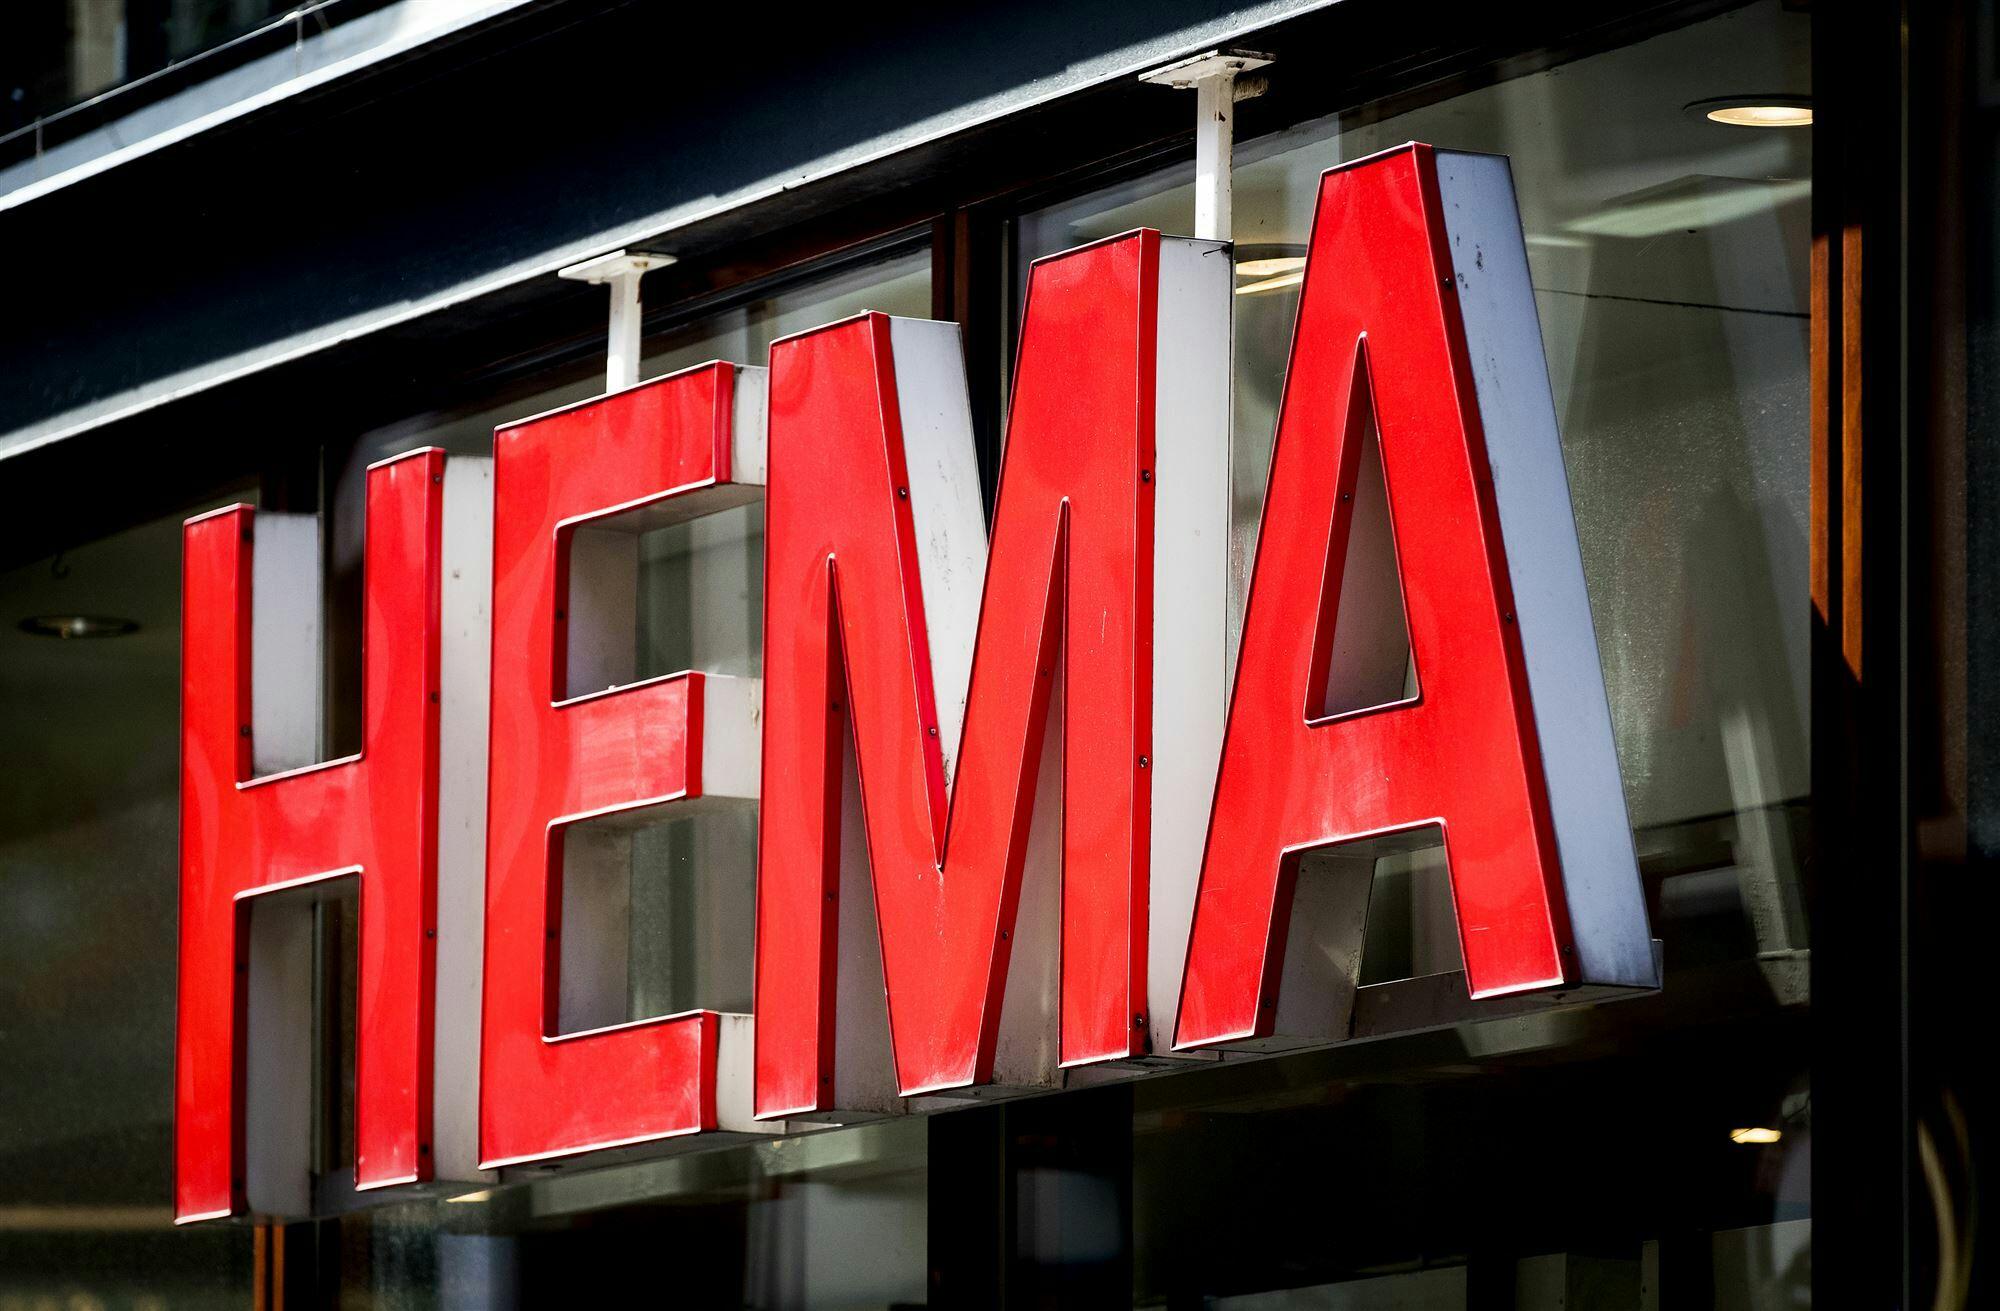 [Lokaal] Afgeprijsde kinderkleding 3 voor €5 @HEMA Veendam